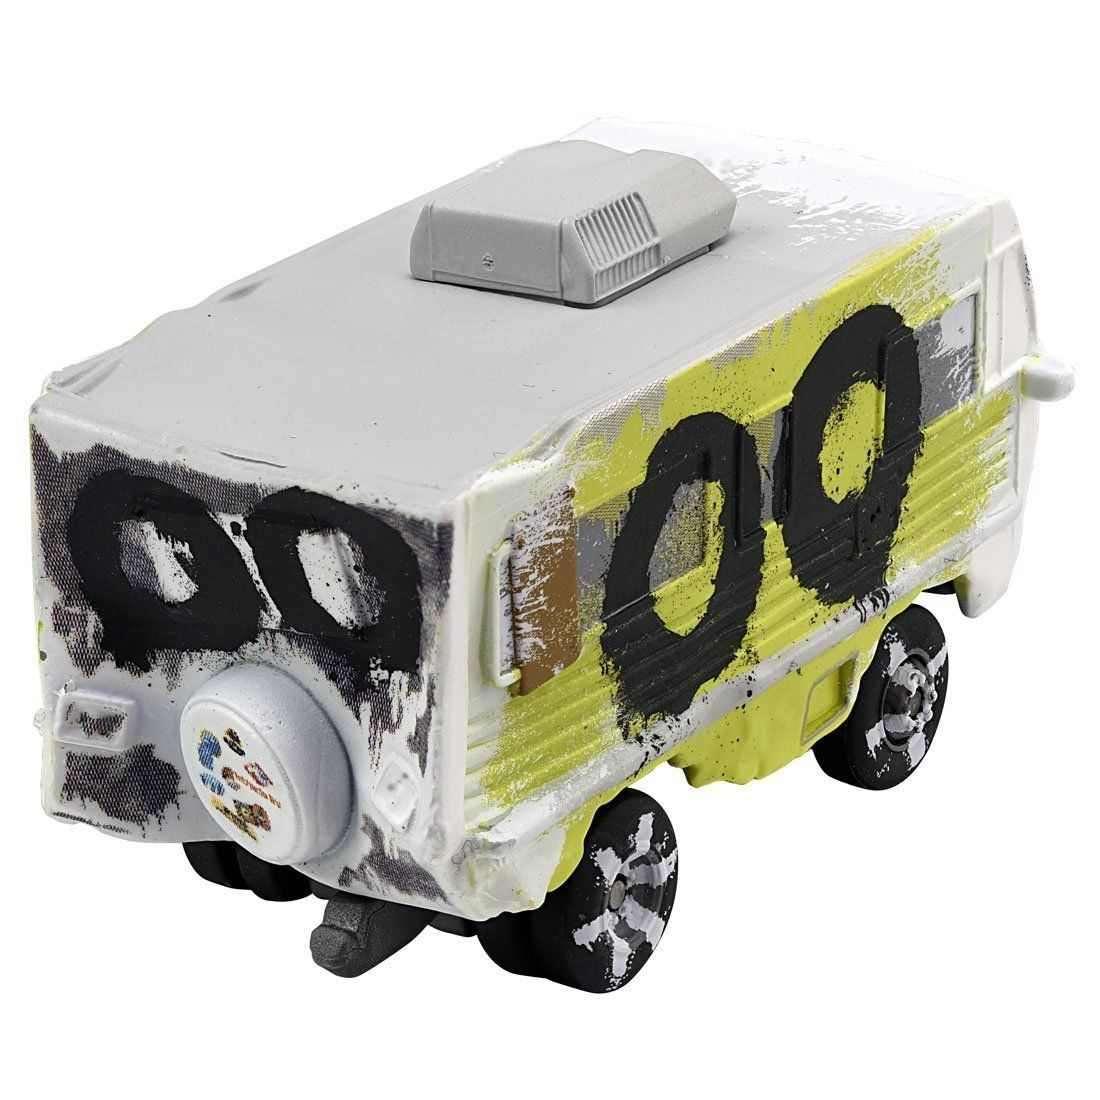 Xe đồ chơi mô hình Tomica Disney Cars 3 C-31 Irvie